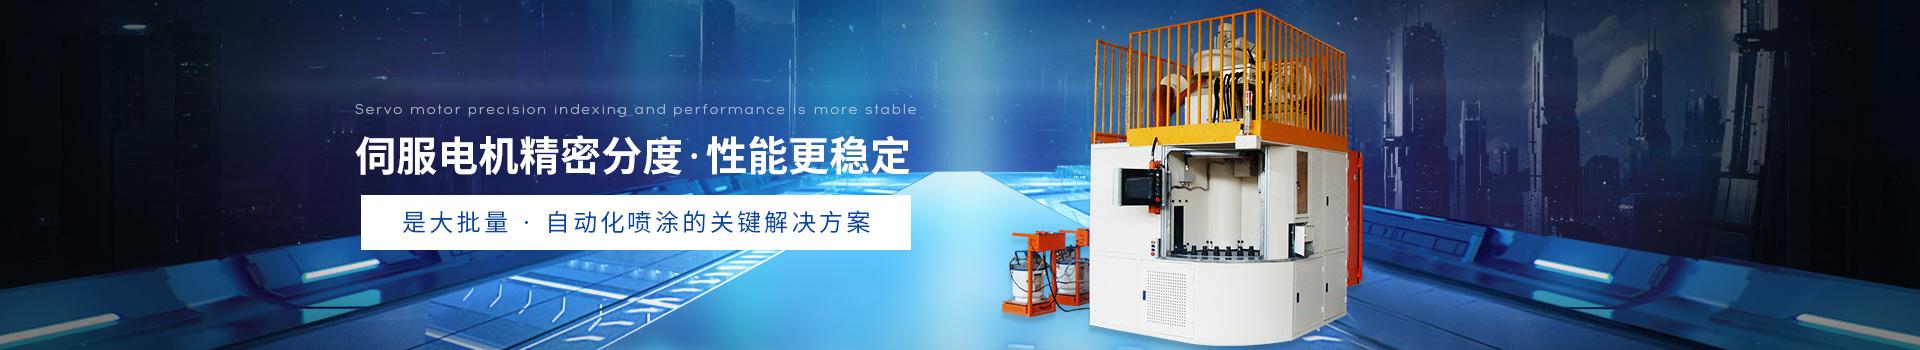 安捷伦自动喷胶机,,是大批量自动化喷涂的主要解决方案